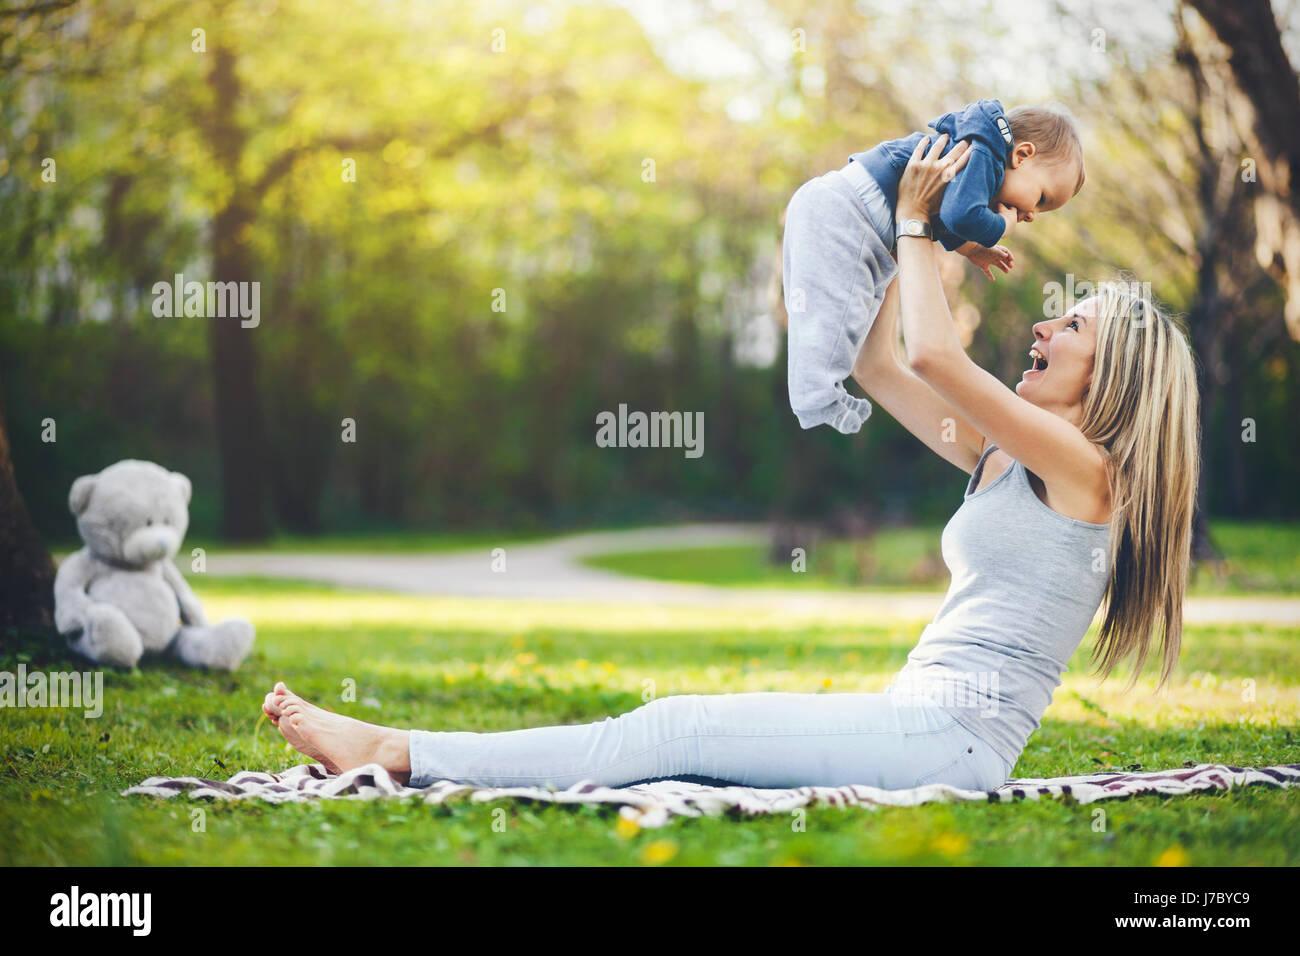 Heureuse mère avec son fils âgé d'un an à l'extérieur dans un parc Photo Stock